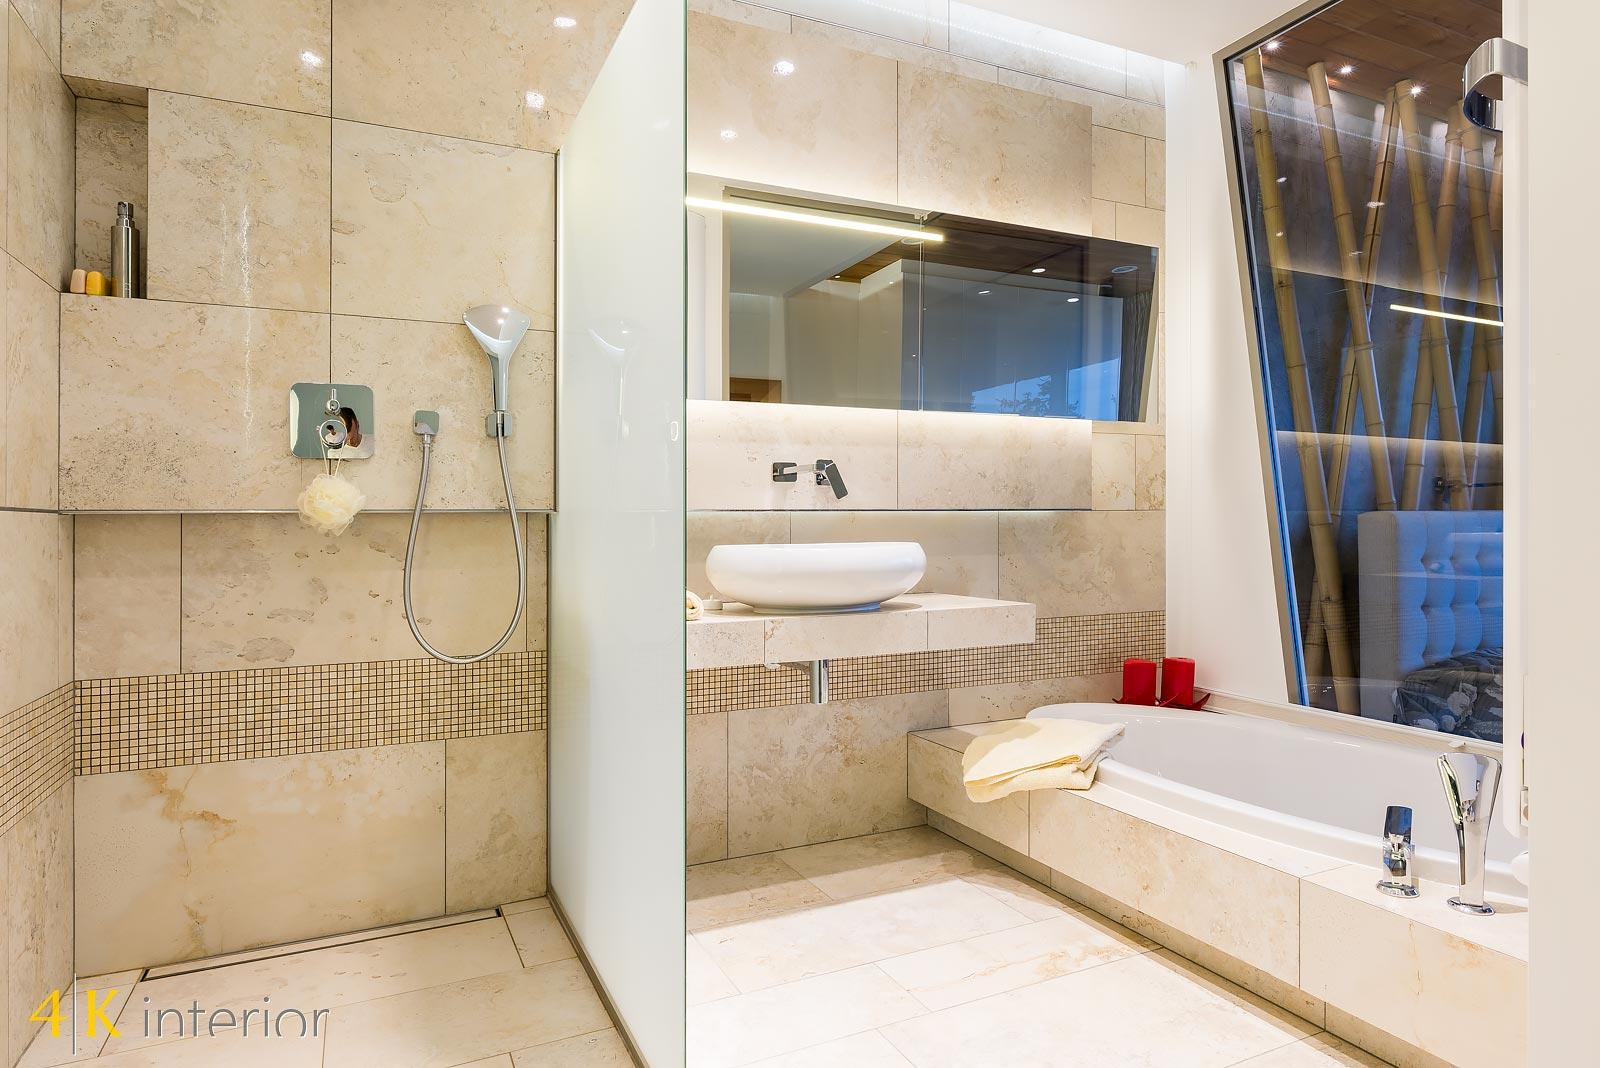 Dom-z-góralskim-charakterem-5 przytulna łazienka wanna w podeście n